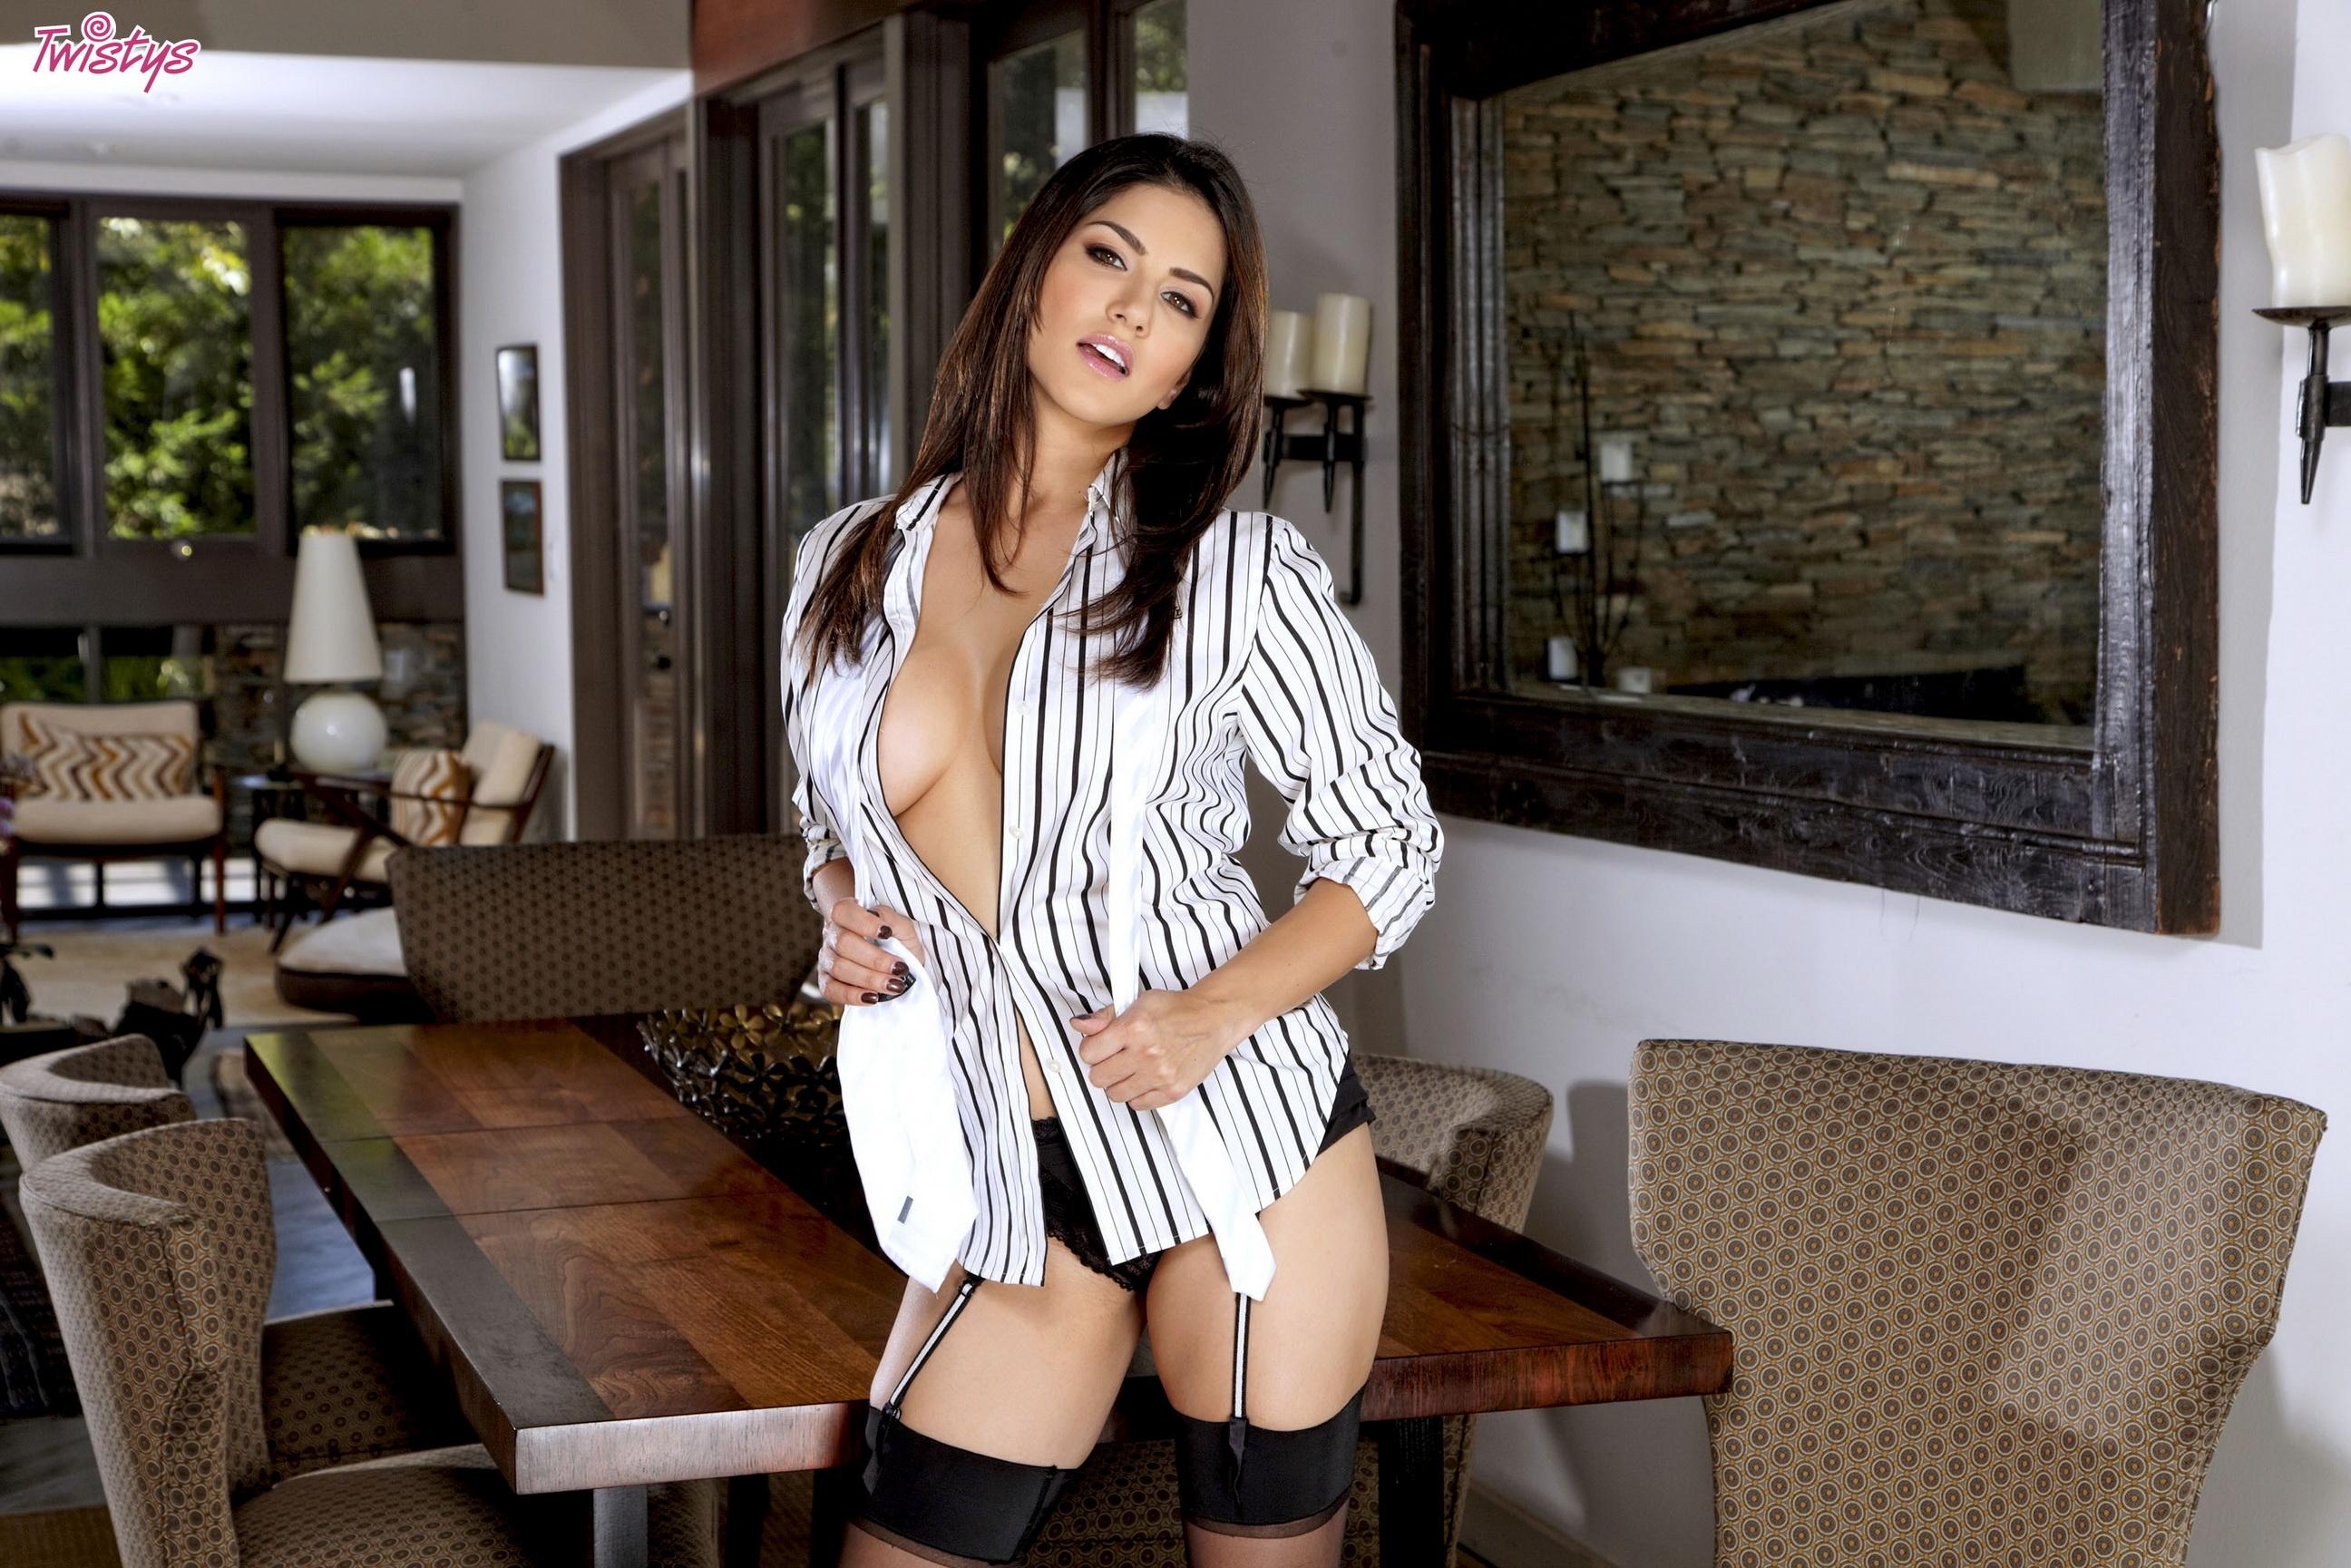 Сексуальная в рубашке 2 фотография